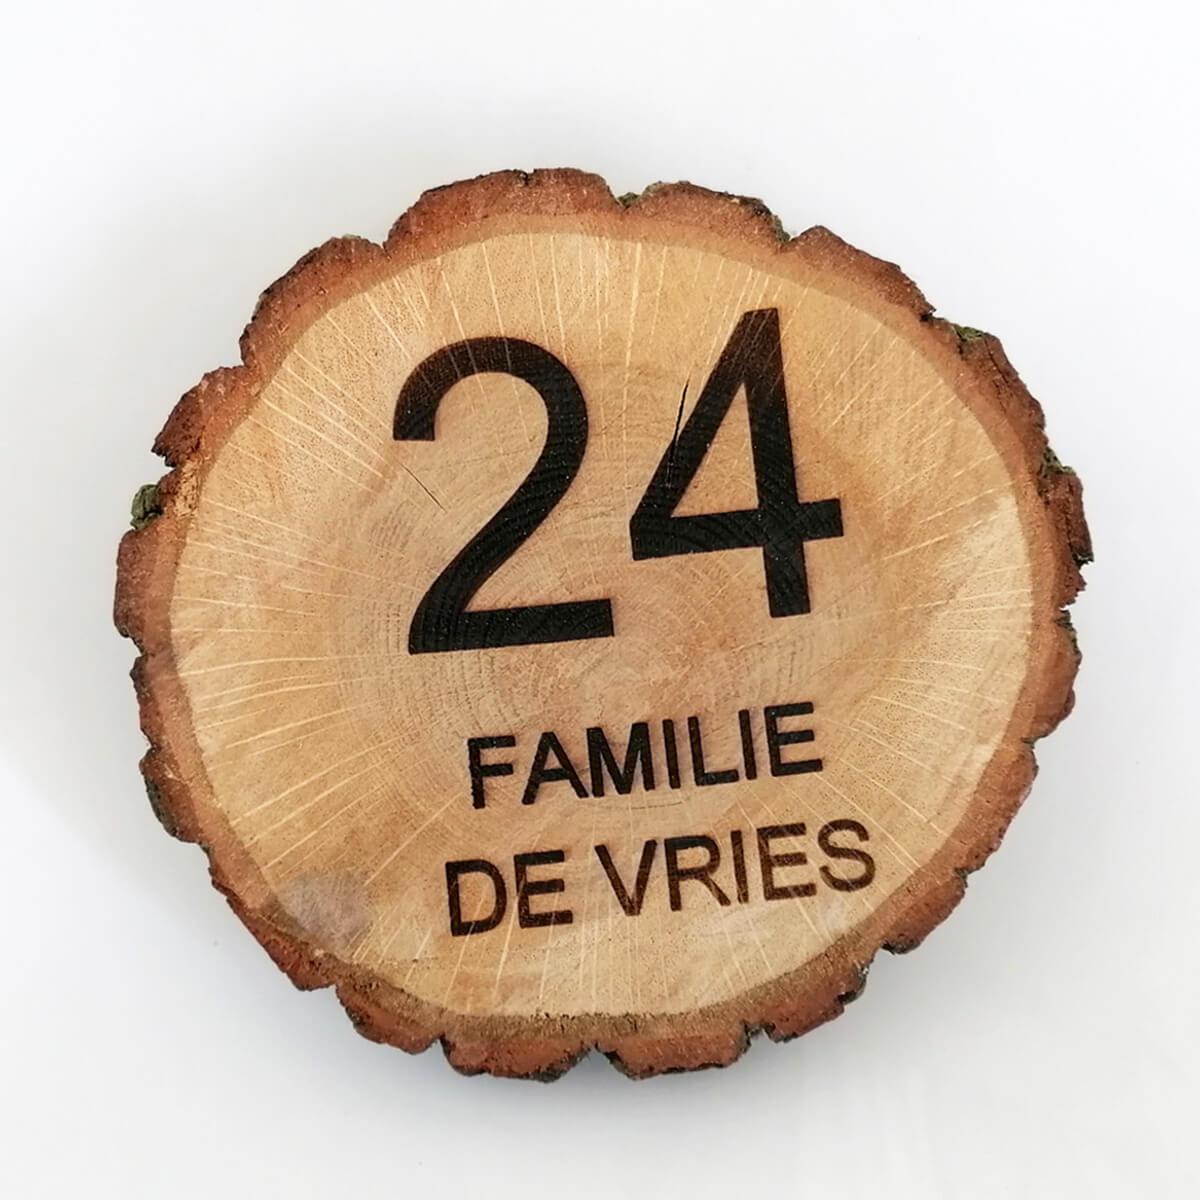 Personaliseer dit houten bord